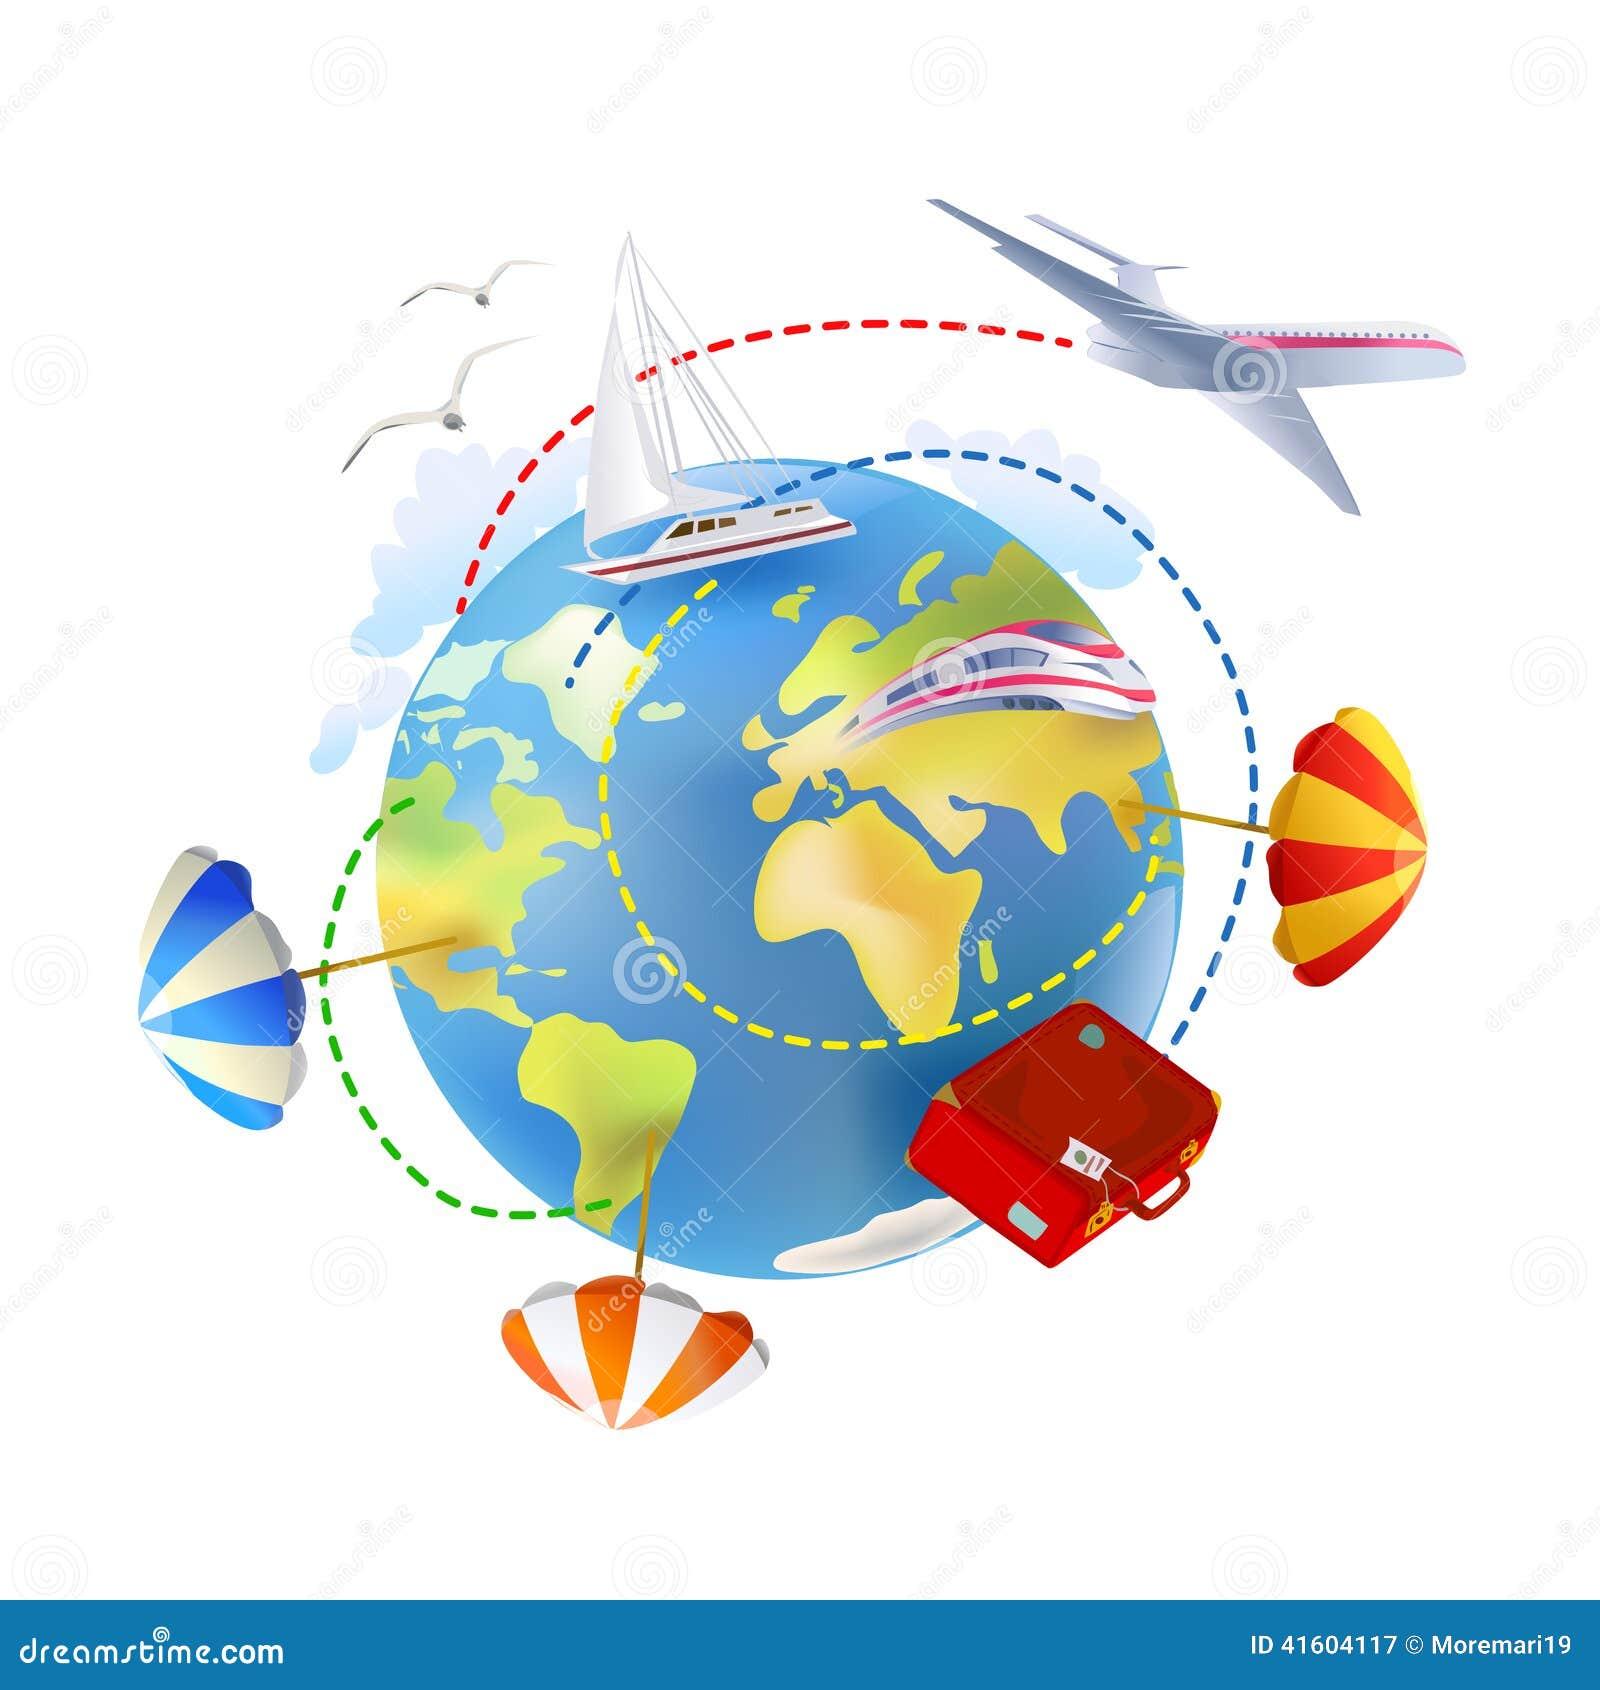 ikone von rund um den globus reisen vektor abbildung. Black Bedroom Furniture Sets. Home Design Ideas